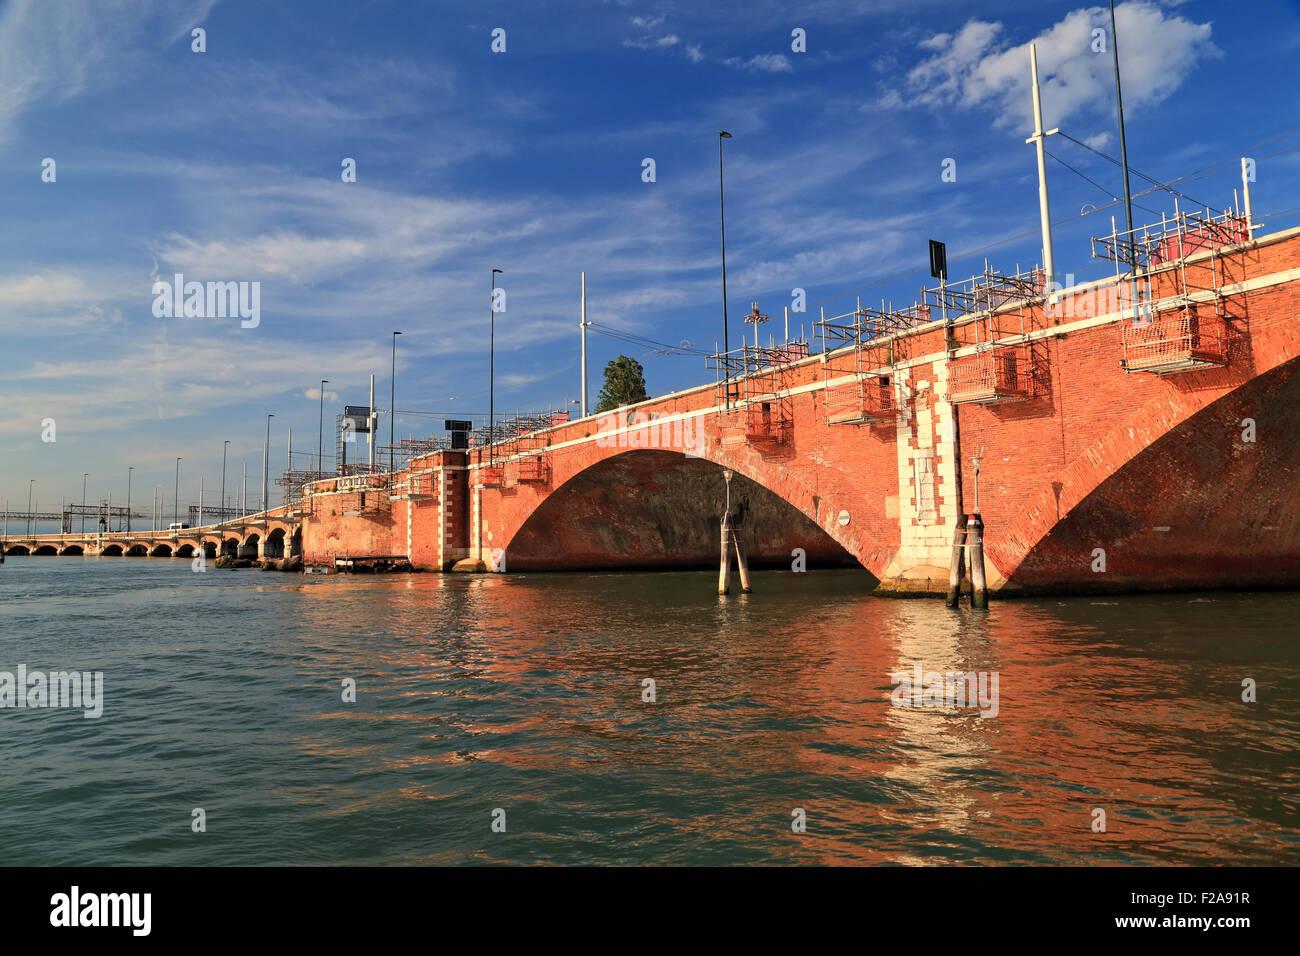 Ponte della Libertà - Venice Railway Bridge (1933) - Stock Image